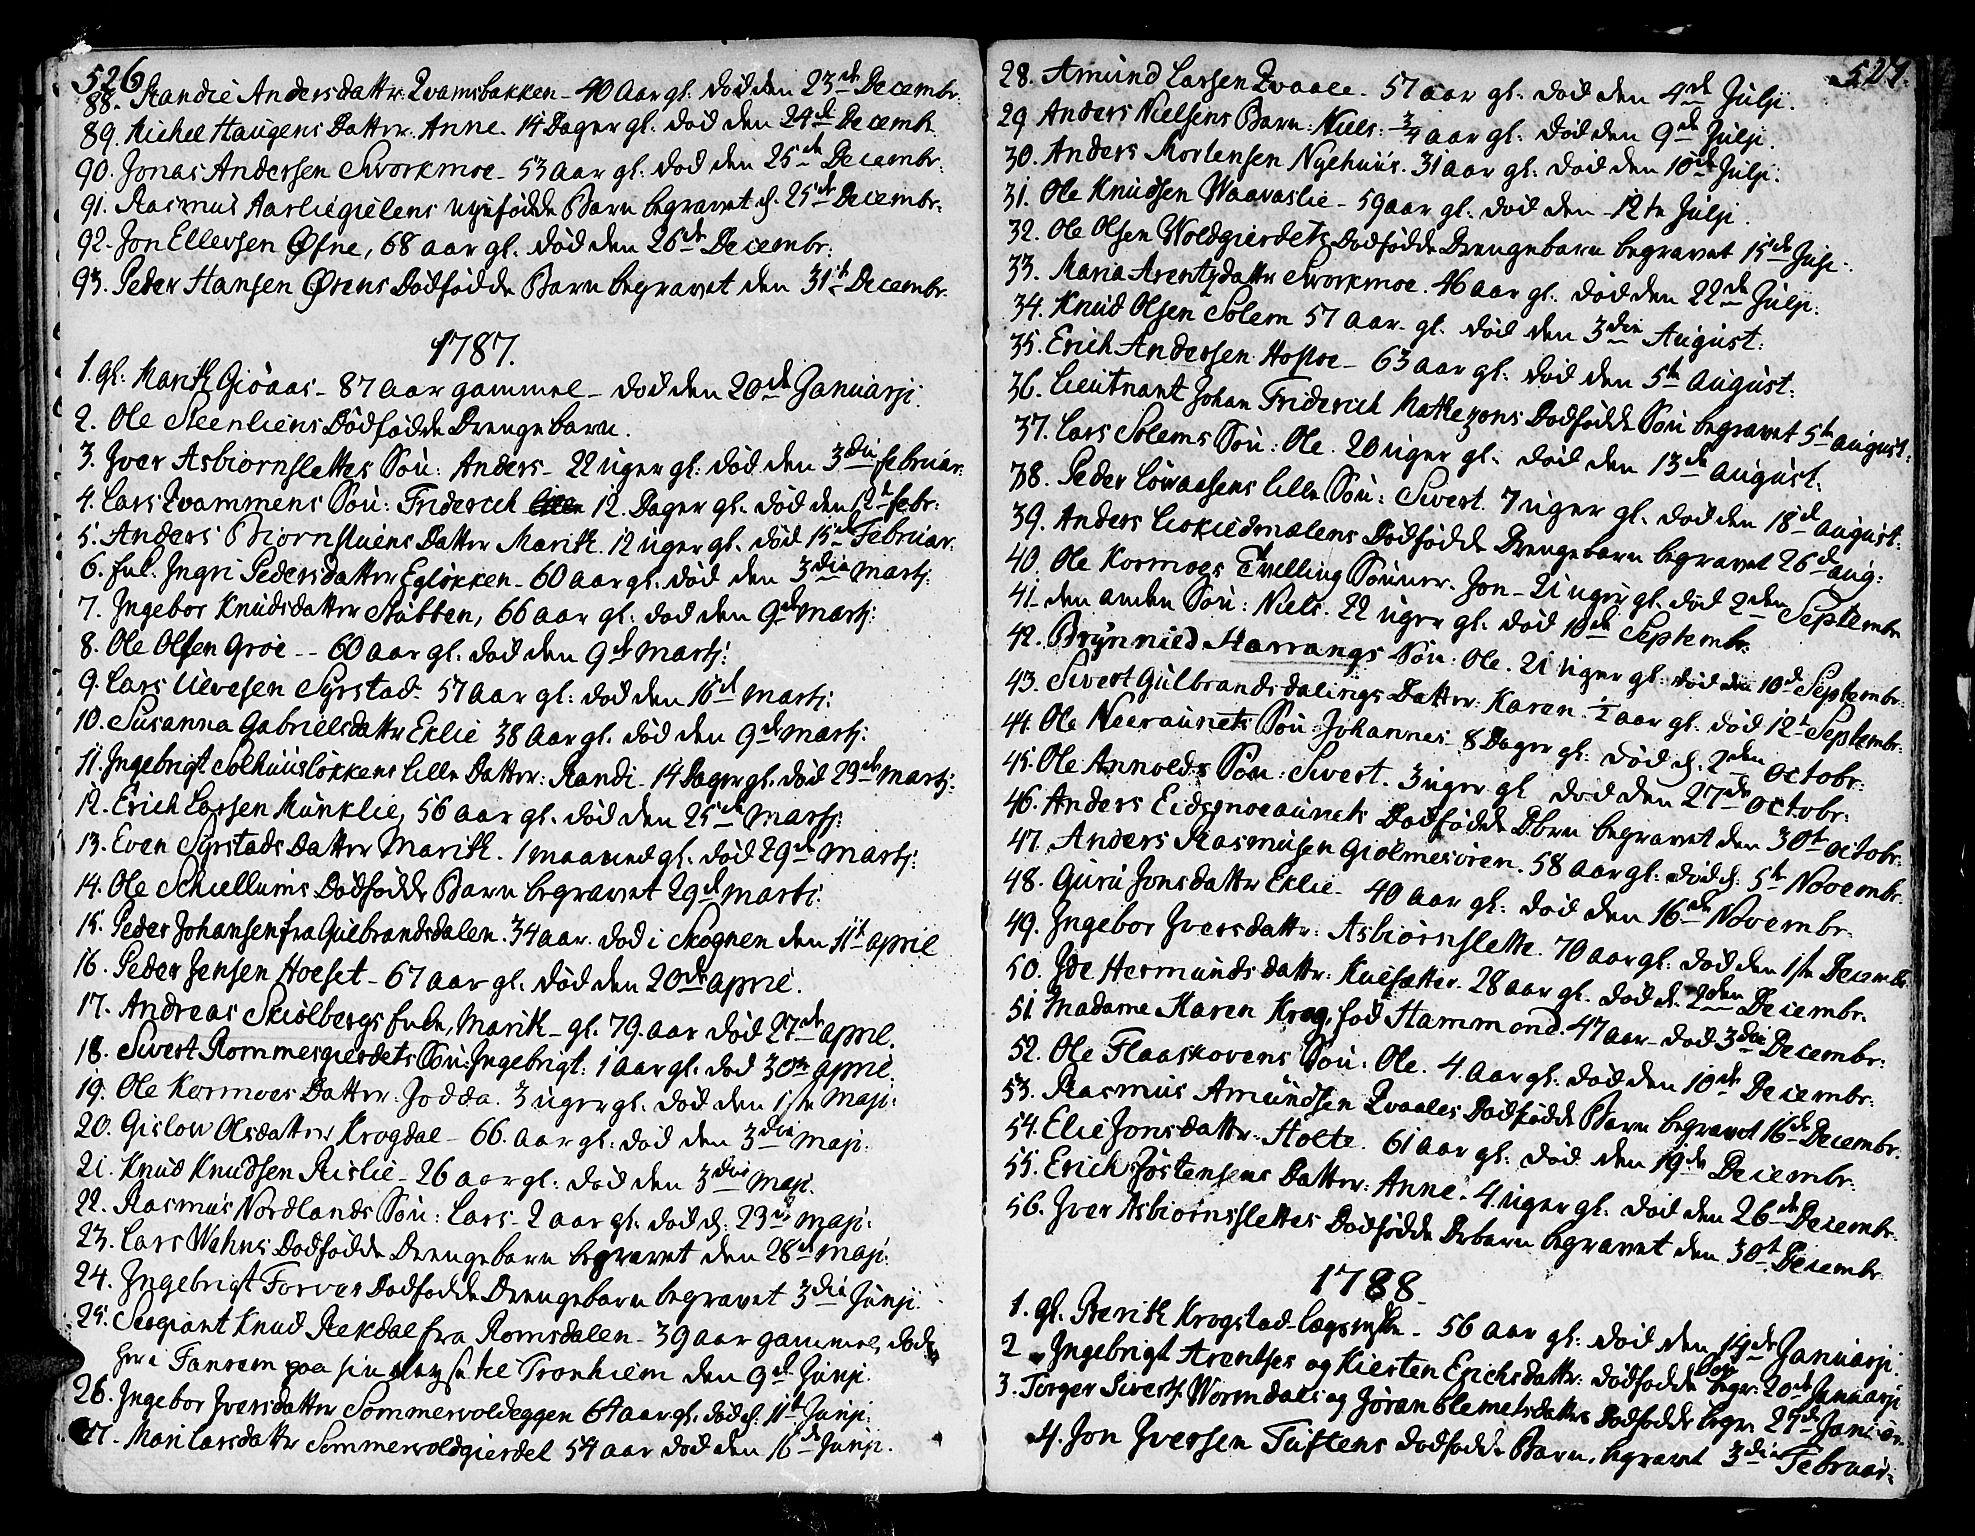 SAT, Ministerialprotokoller, klokkerbøker og fødselsregistre - Sør-Trøndelag, 668/L0802: Ministerialbok nr. 668A02, 1776-1799, s. 526-527